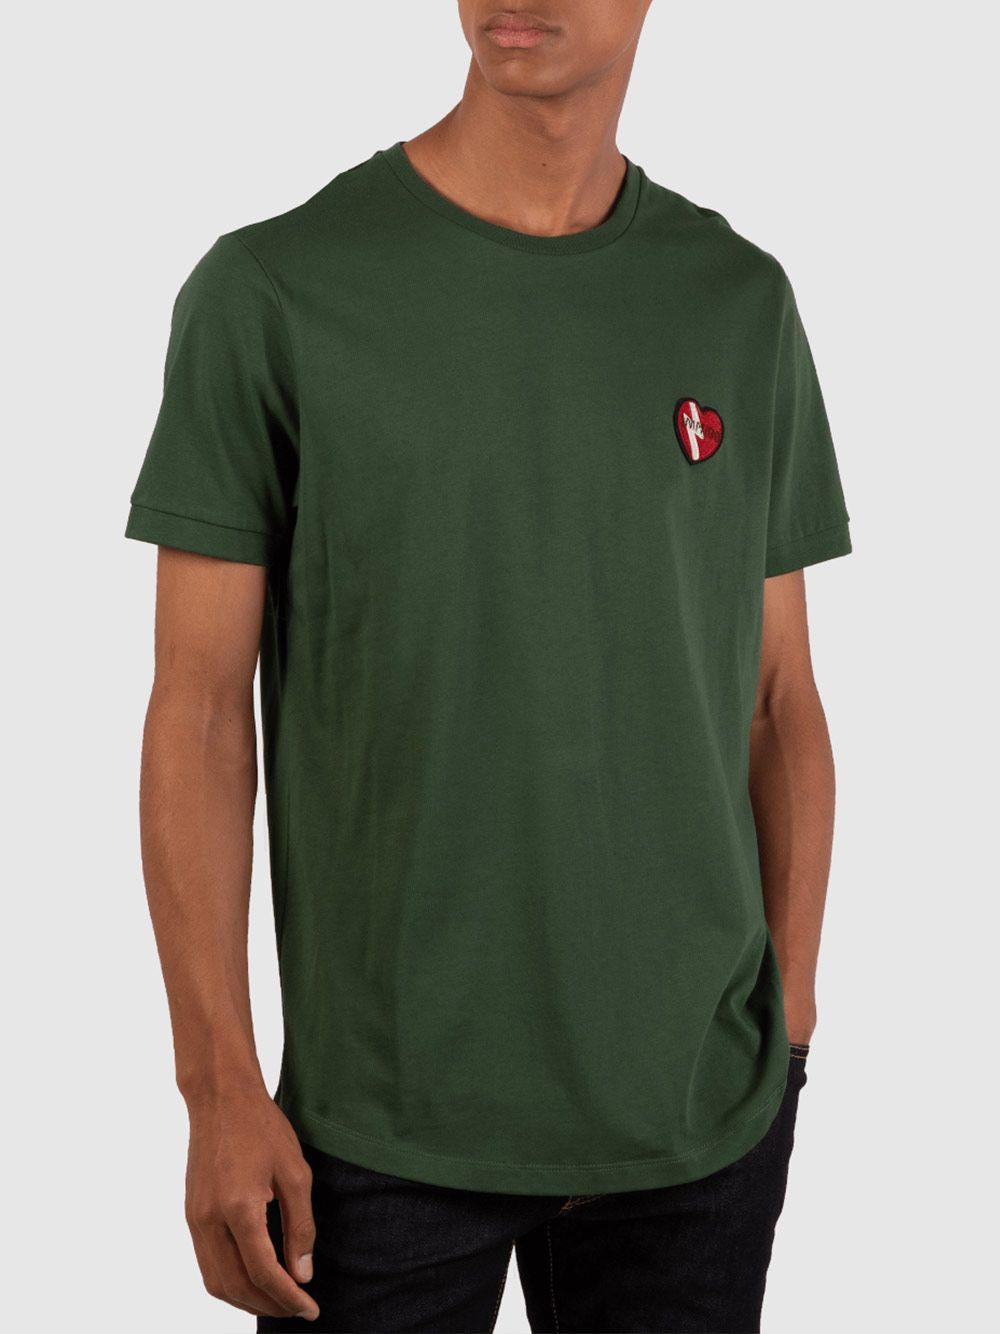 Inimigo Embroidery T-Shirt | Inimigo